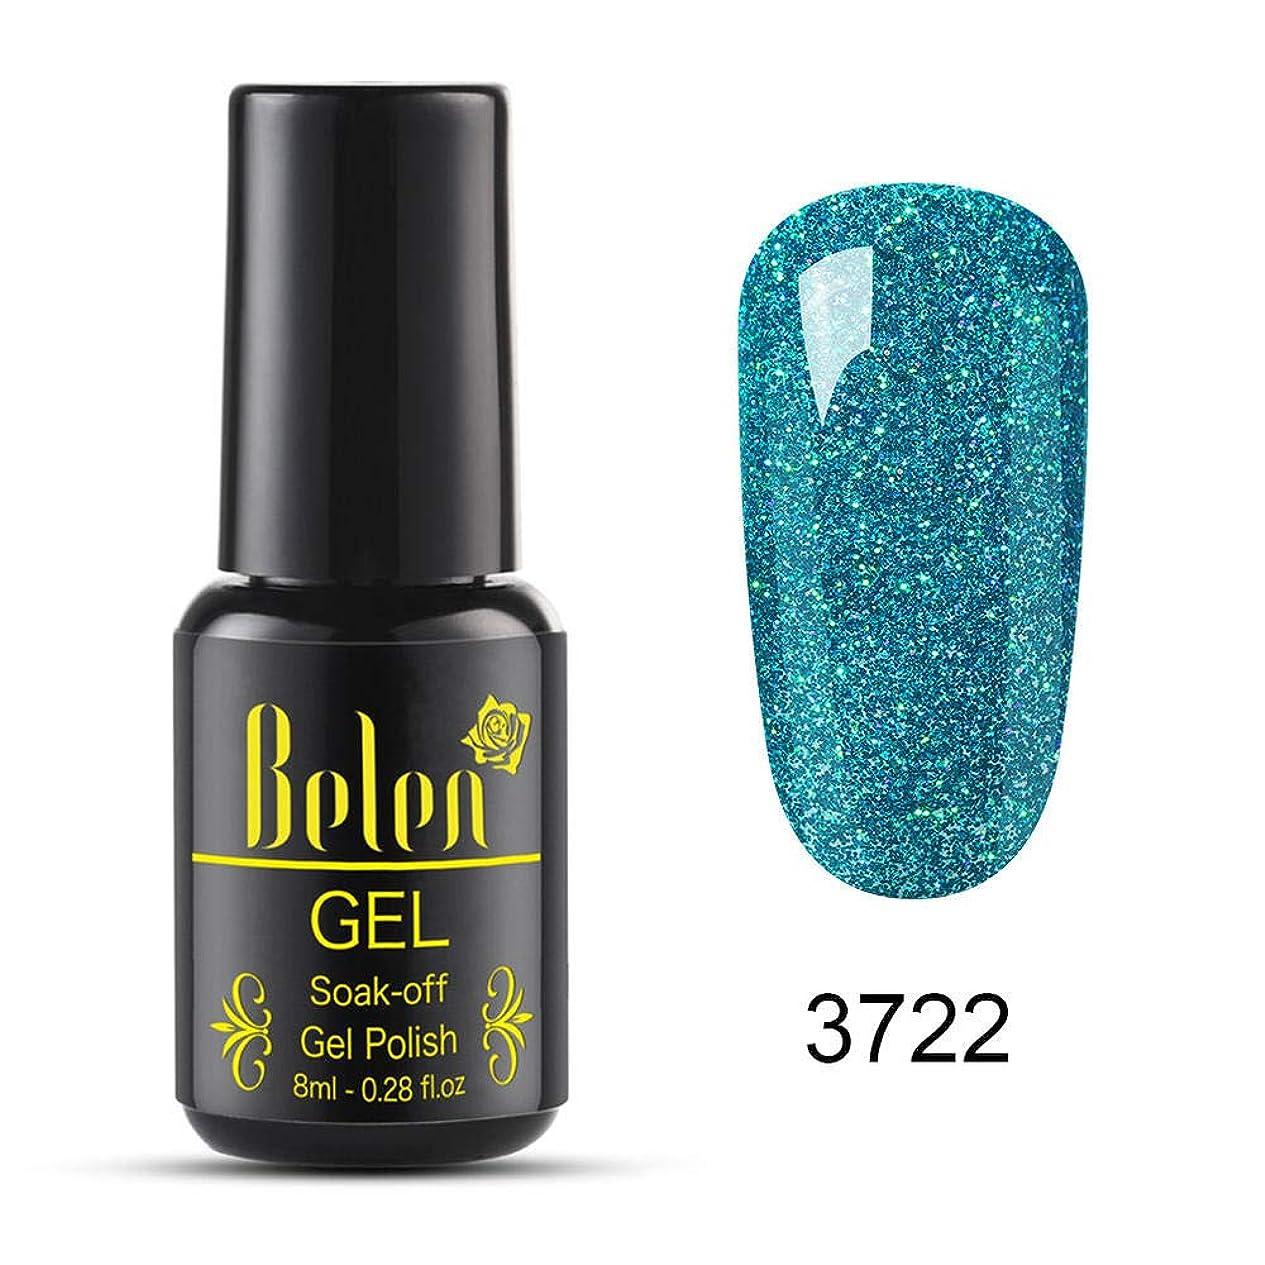 効果変成器直径Belen ジェルネイル カラージェル 虹系 1色入り 8ml【全10色選択可】